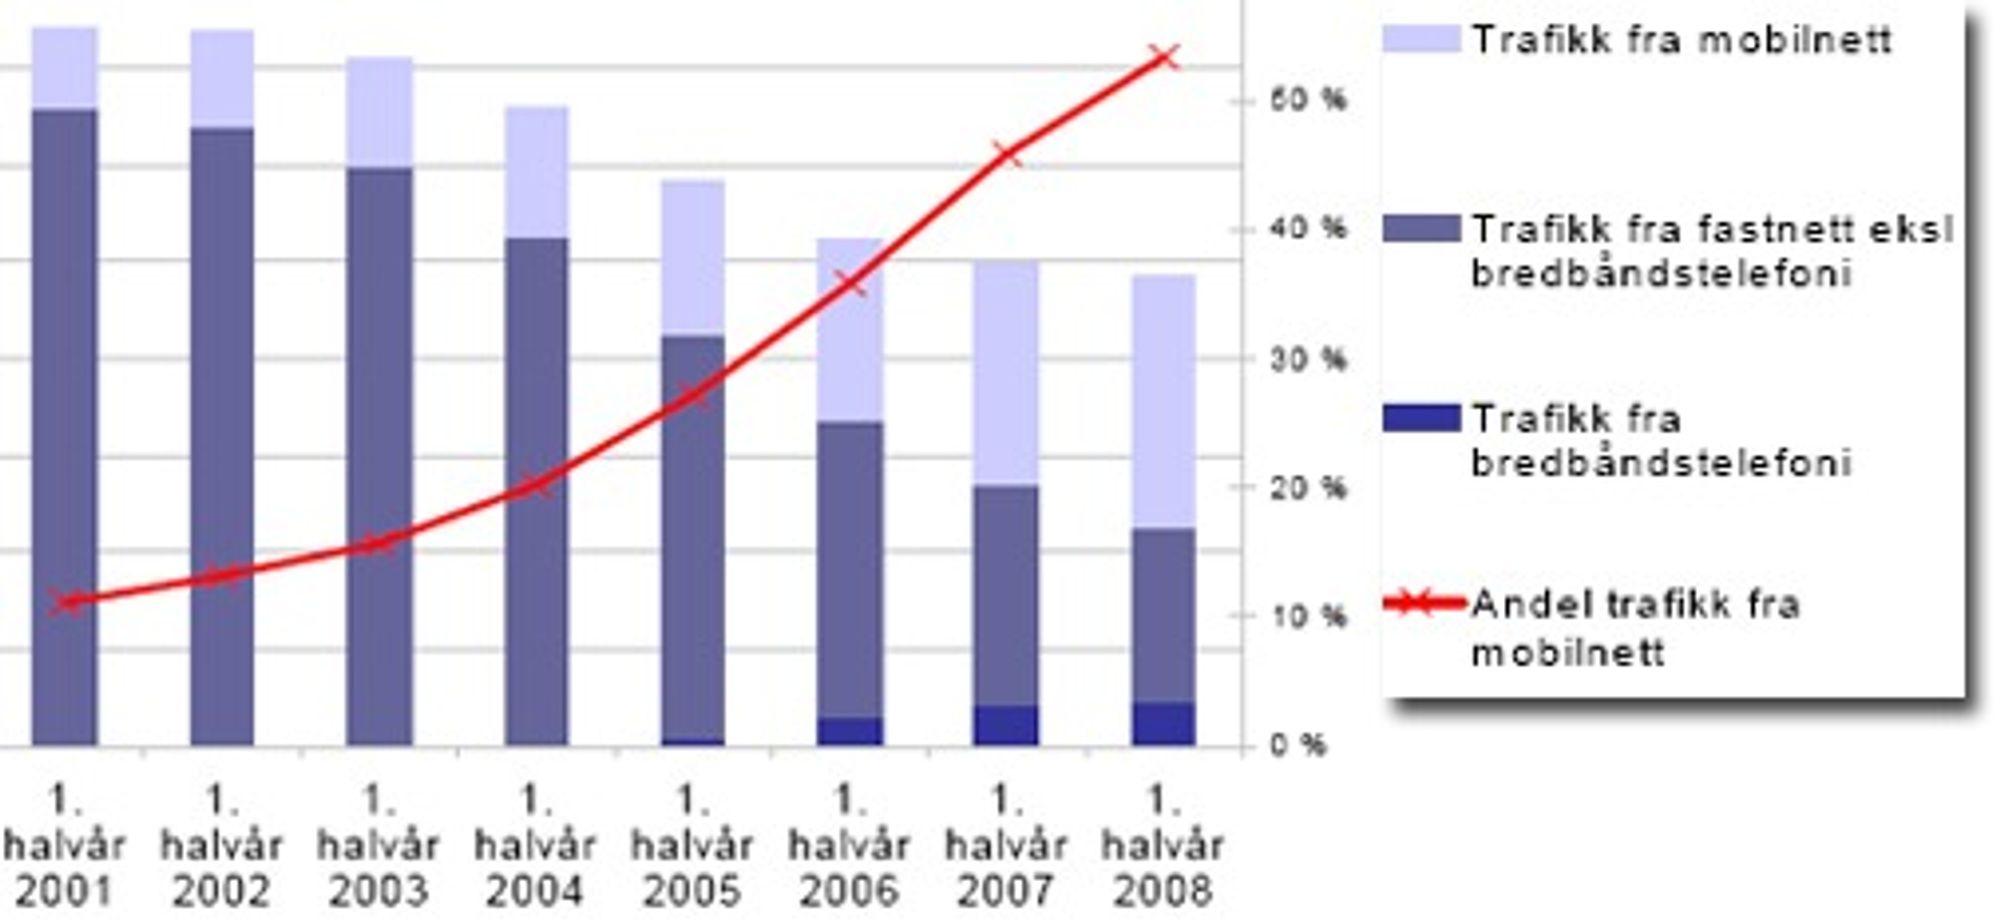 Andelen trafikk fra mobilnettet er for første gang høyere enn fastnett.  (Kilde: Det norske ekommarkedet 1. halvår 2008)